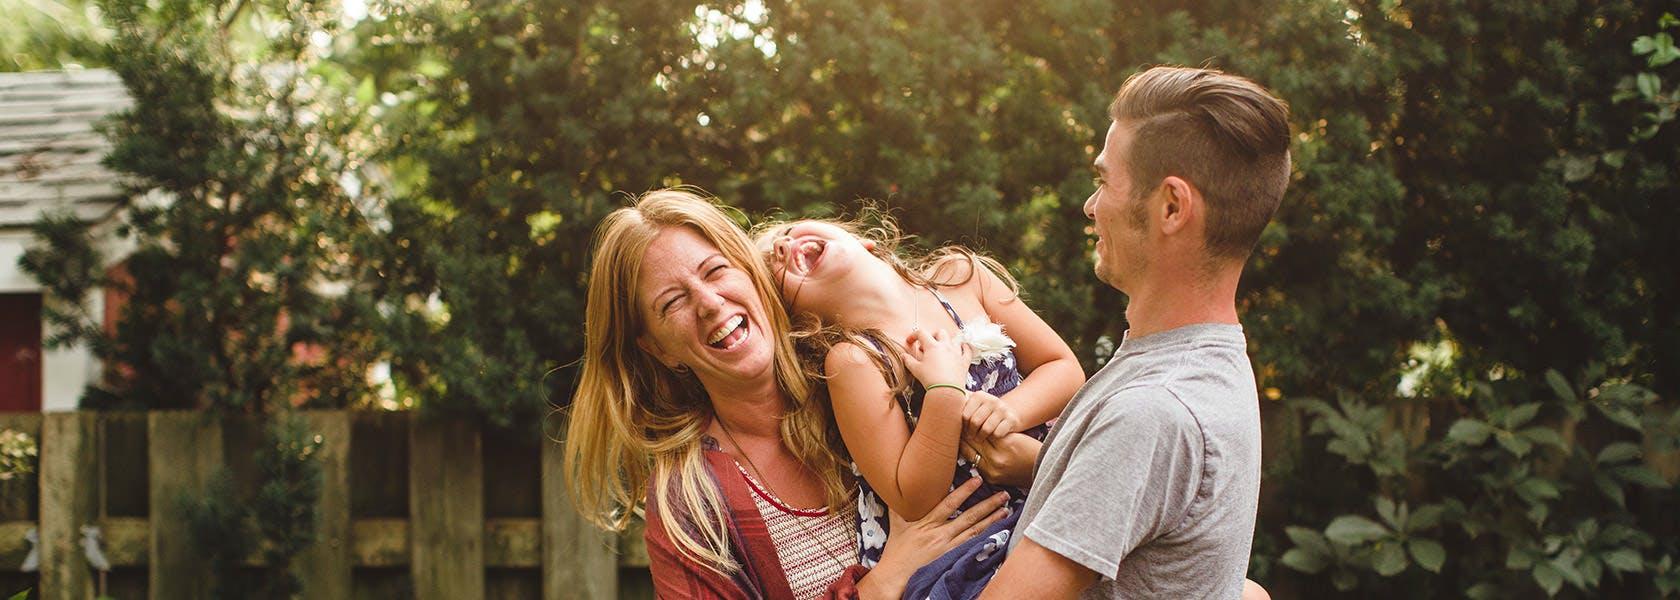 Gia đình vui cười trong sân nhà